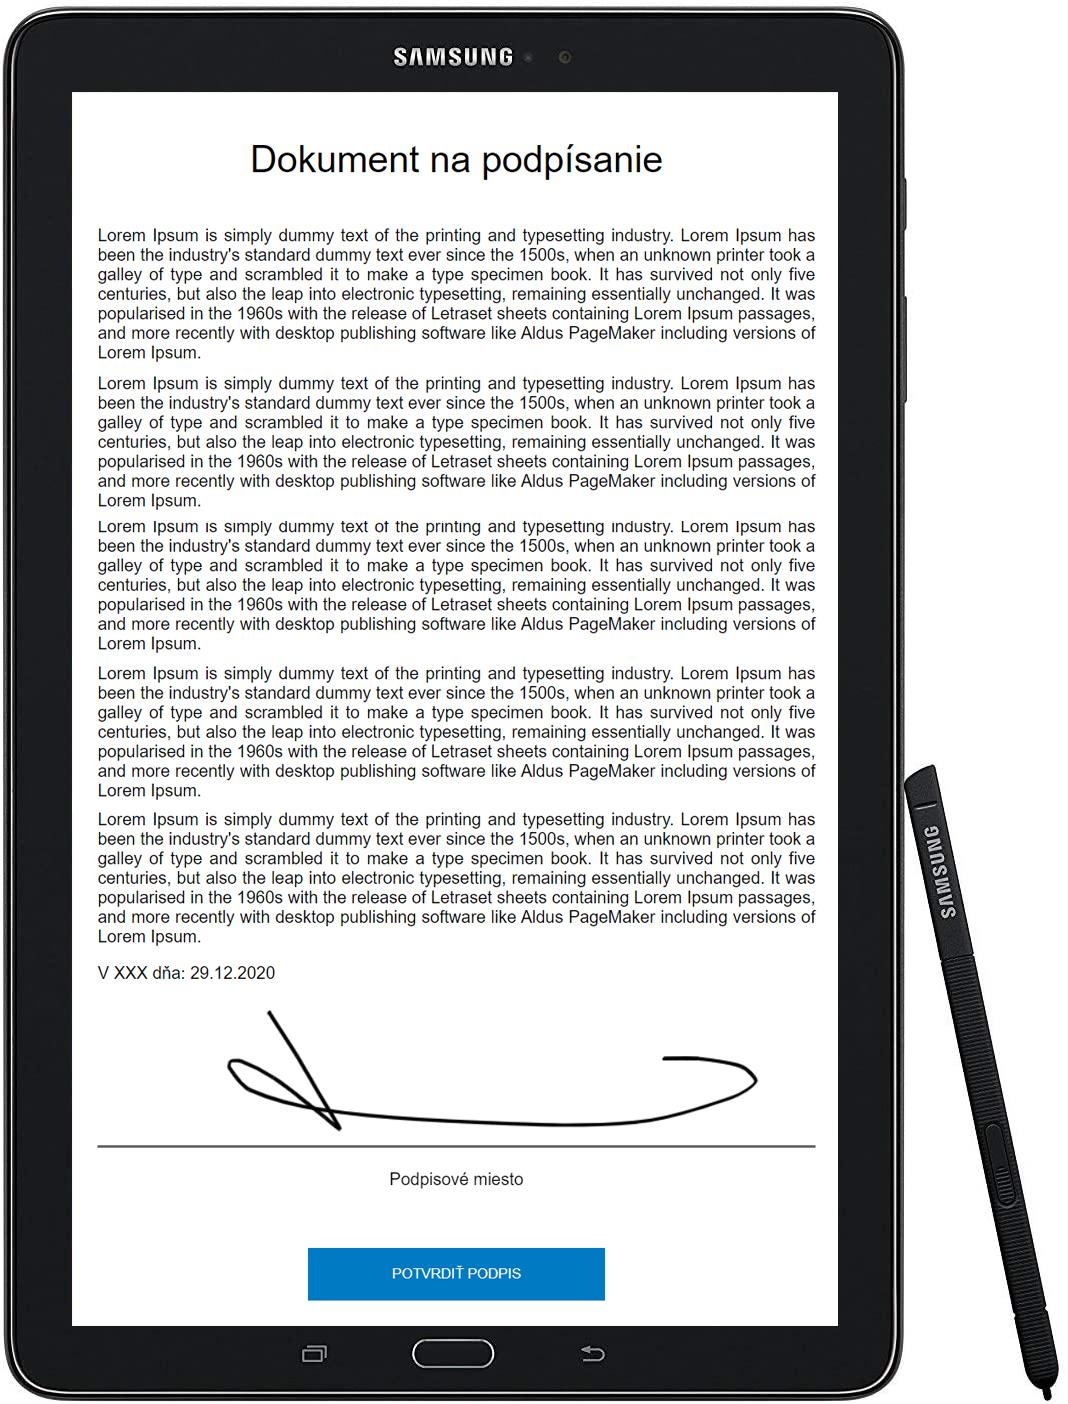 Vlastnoručné podpisovanie dokumentov jednoducho a nízkonákladovo